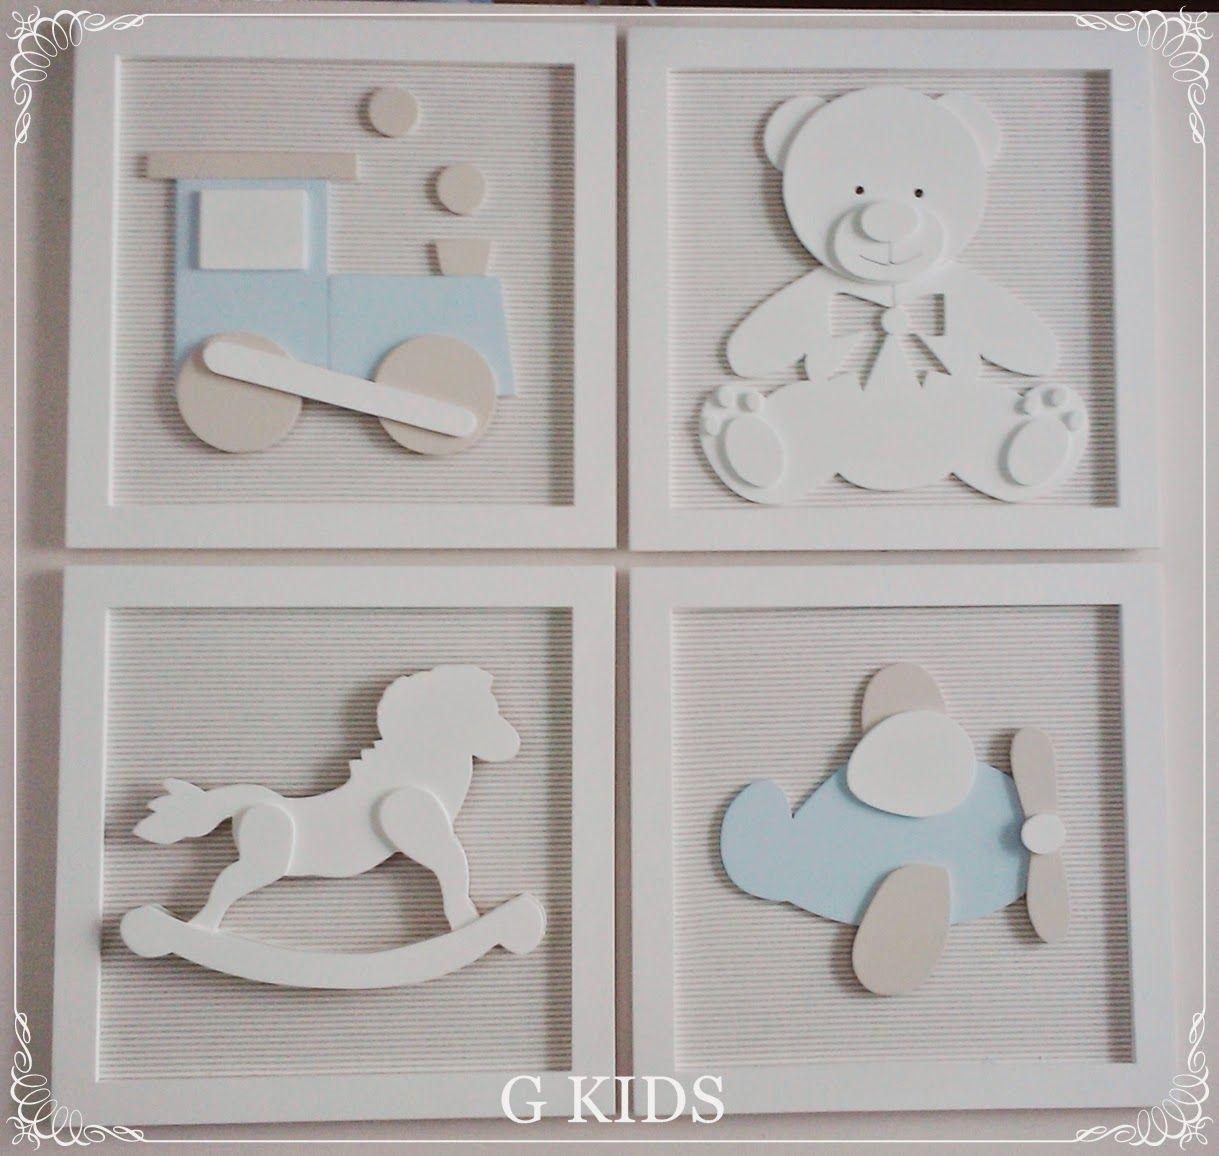 G Kids Quadros Beb Brinquedos Kit 4 Quadros Decora O Baby